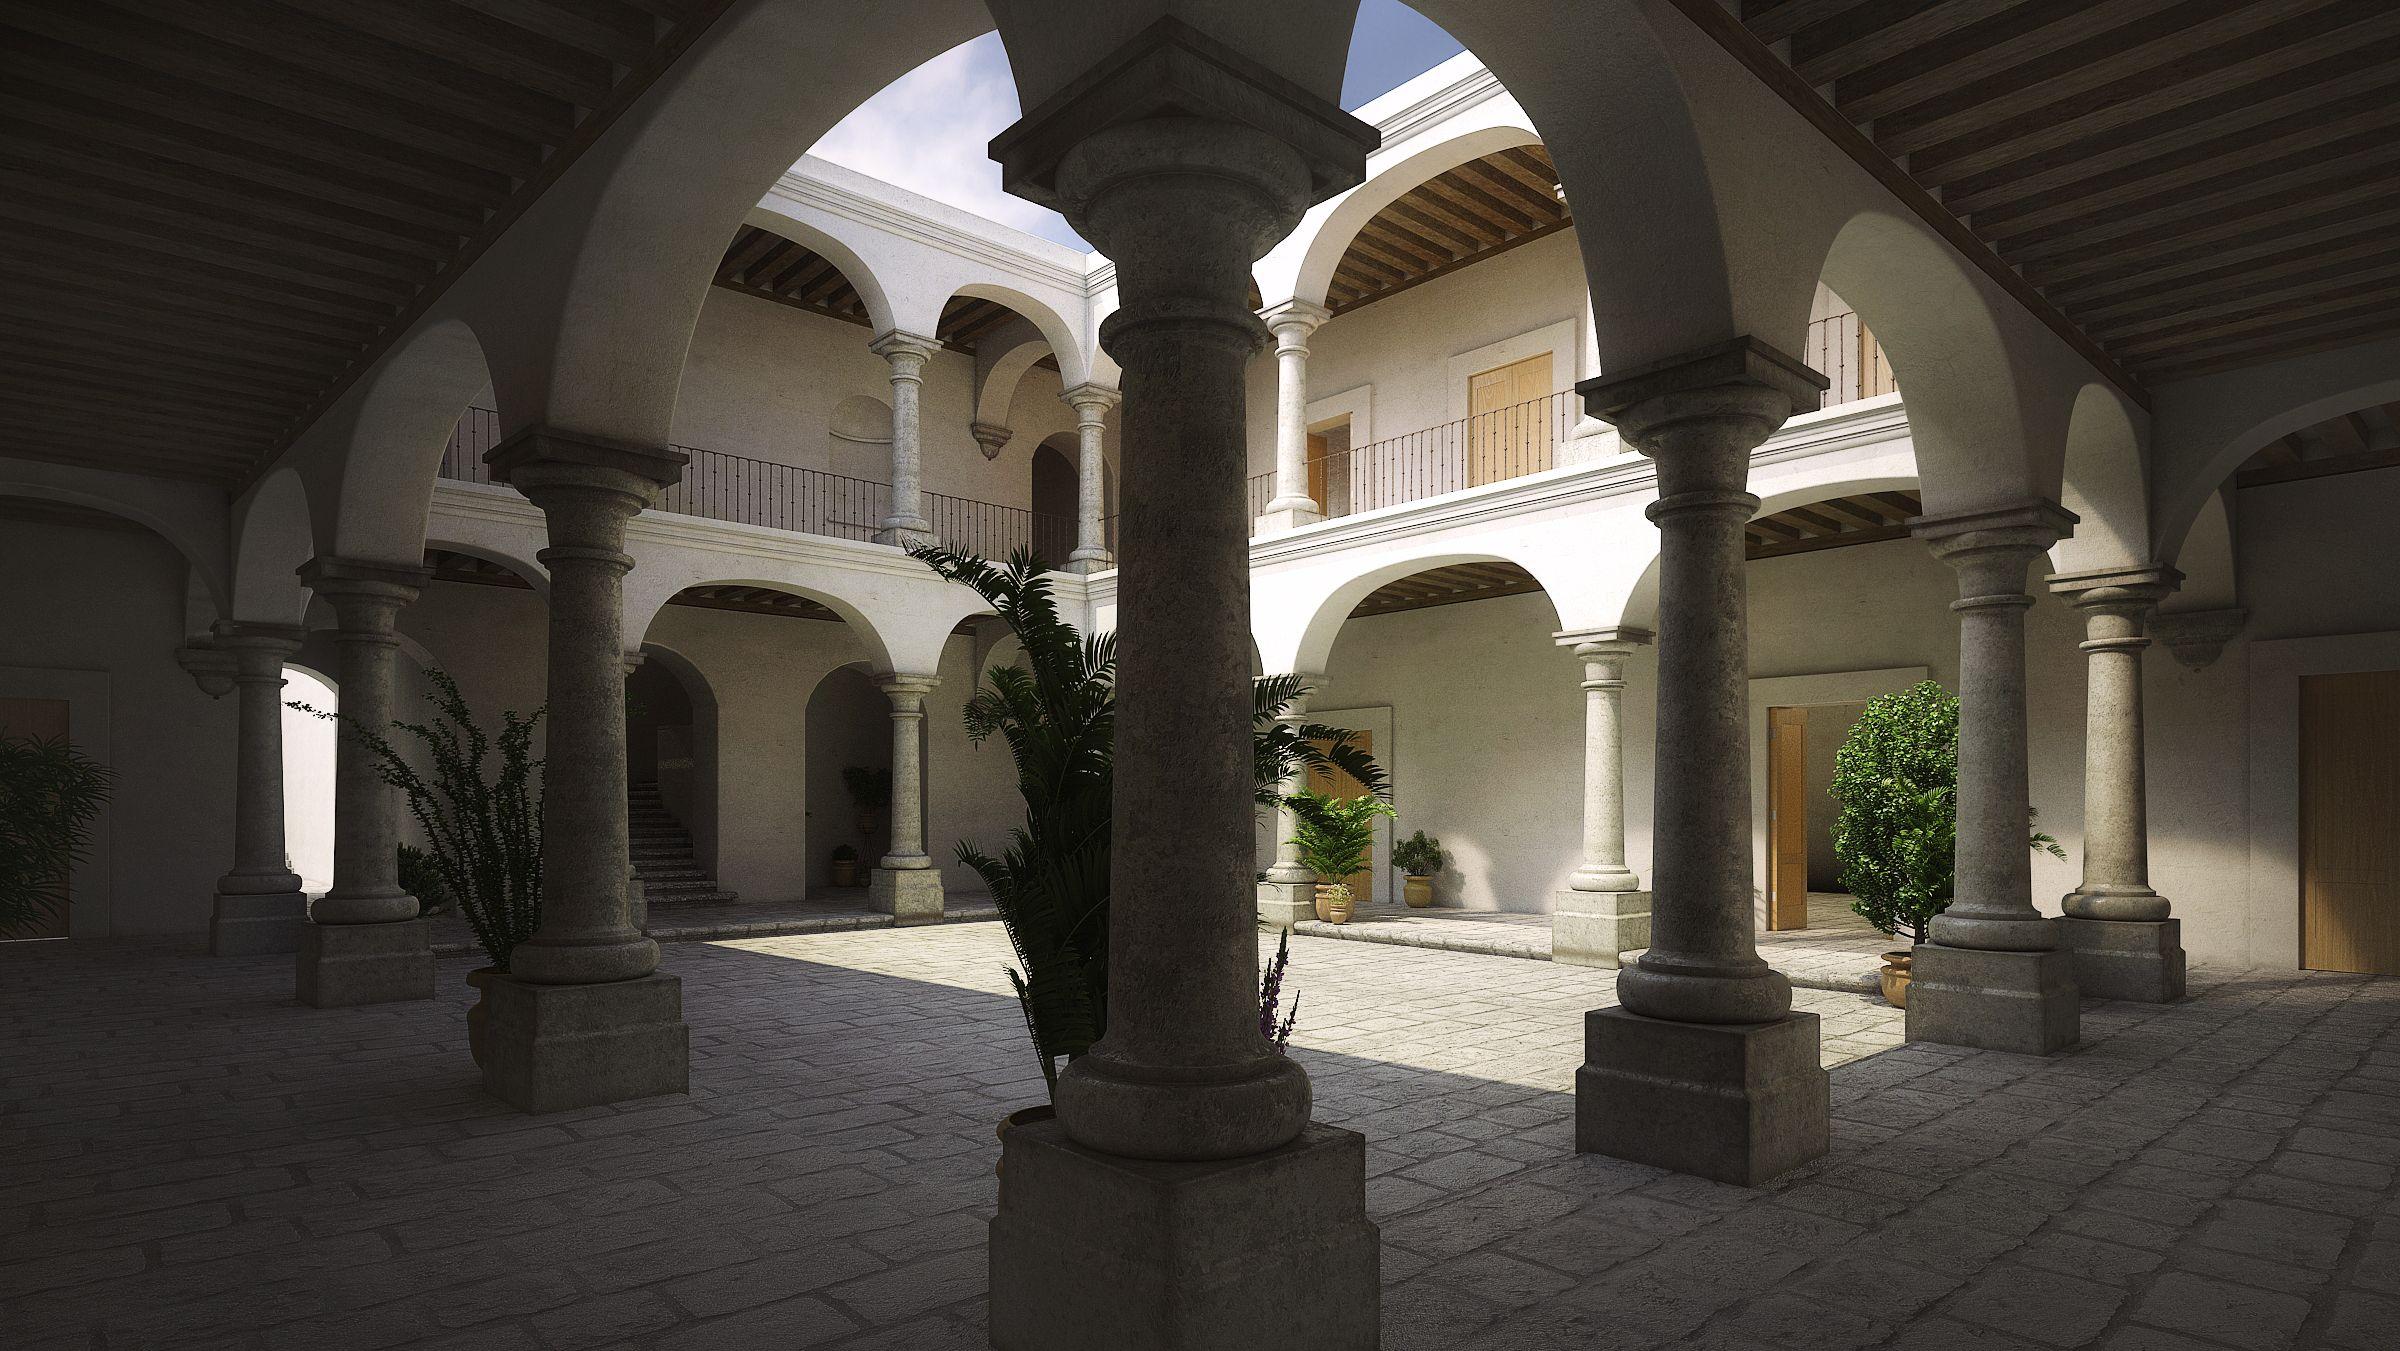 Casa de la Ciudad, Oaxaca. 3dsmax, vray, photoshop. Render by Kyle Beneventi.